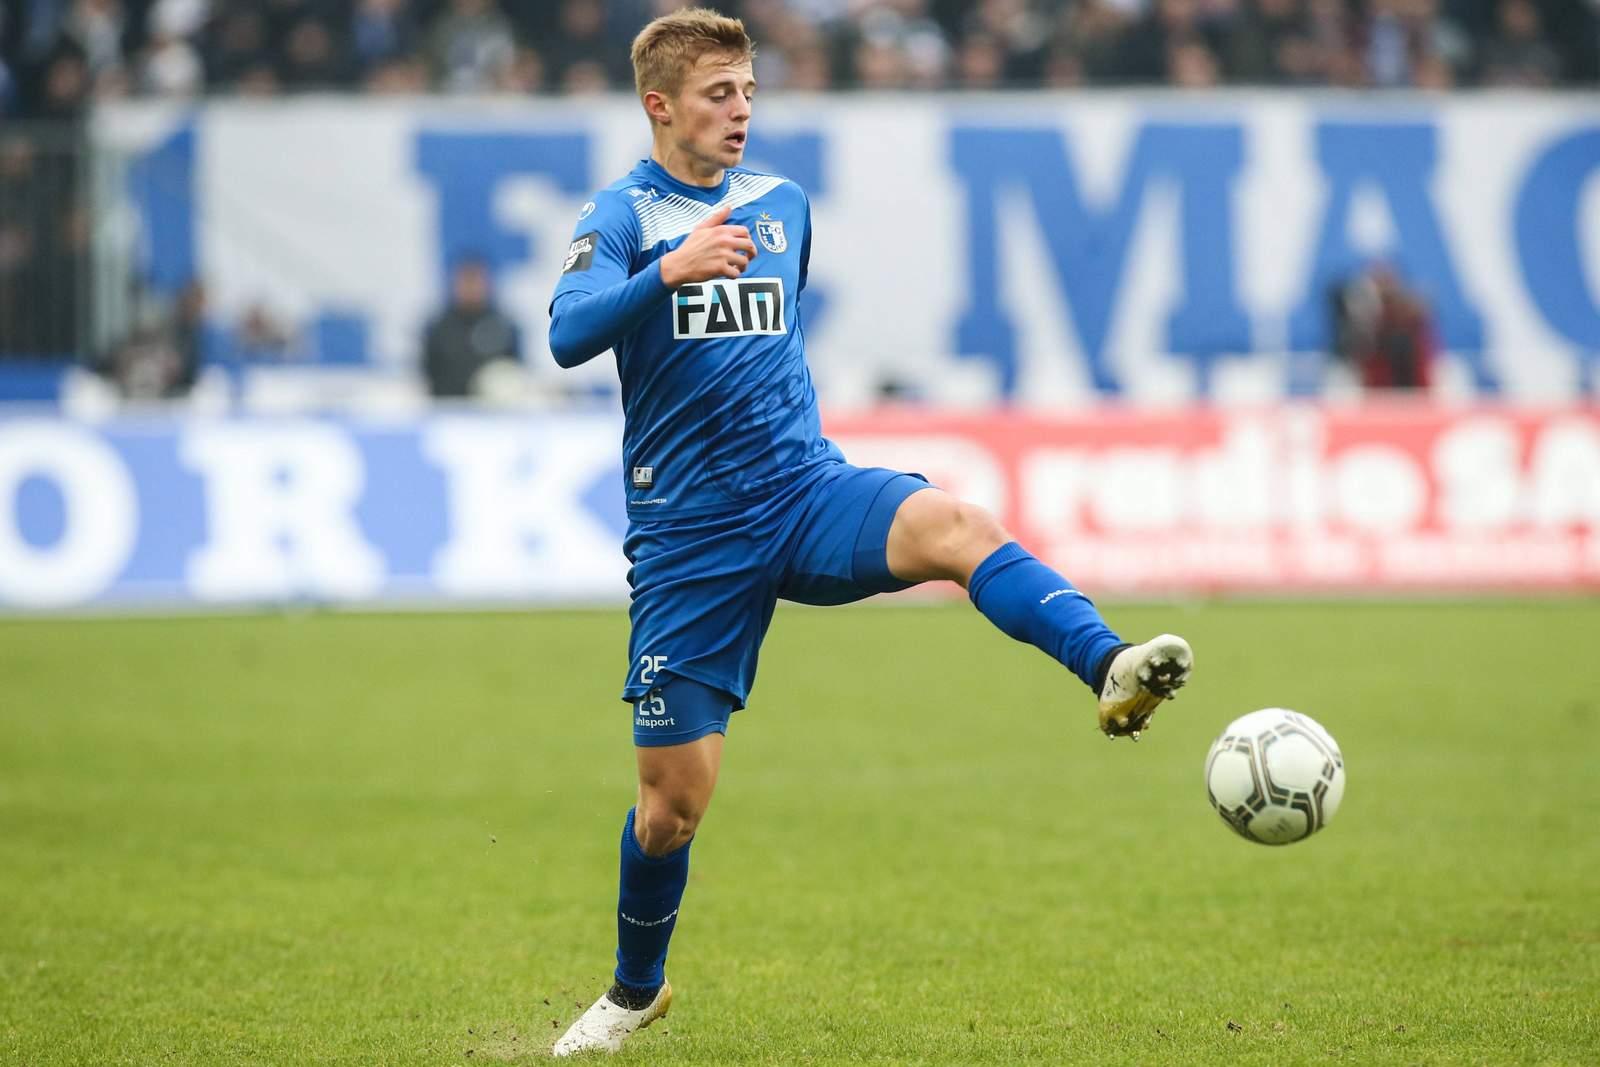 Trifft Ernst wieder? Jetzt auf FSV Frankfurt gegen 1.FC Magdeburg wetten